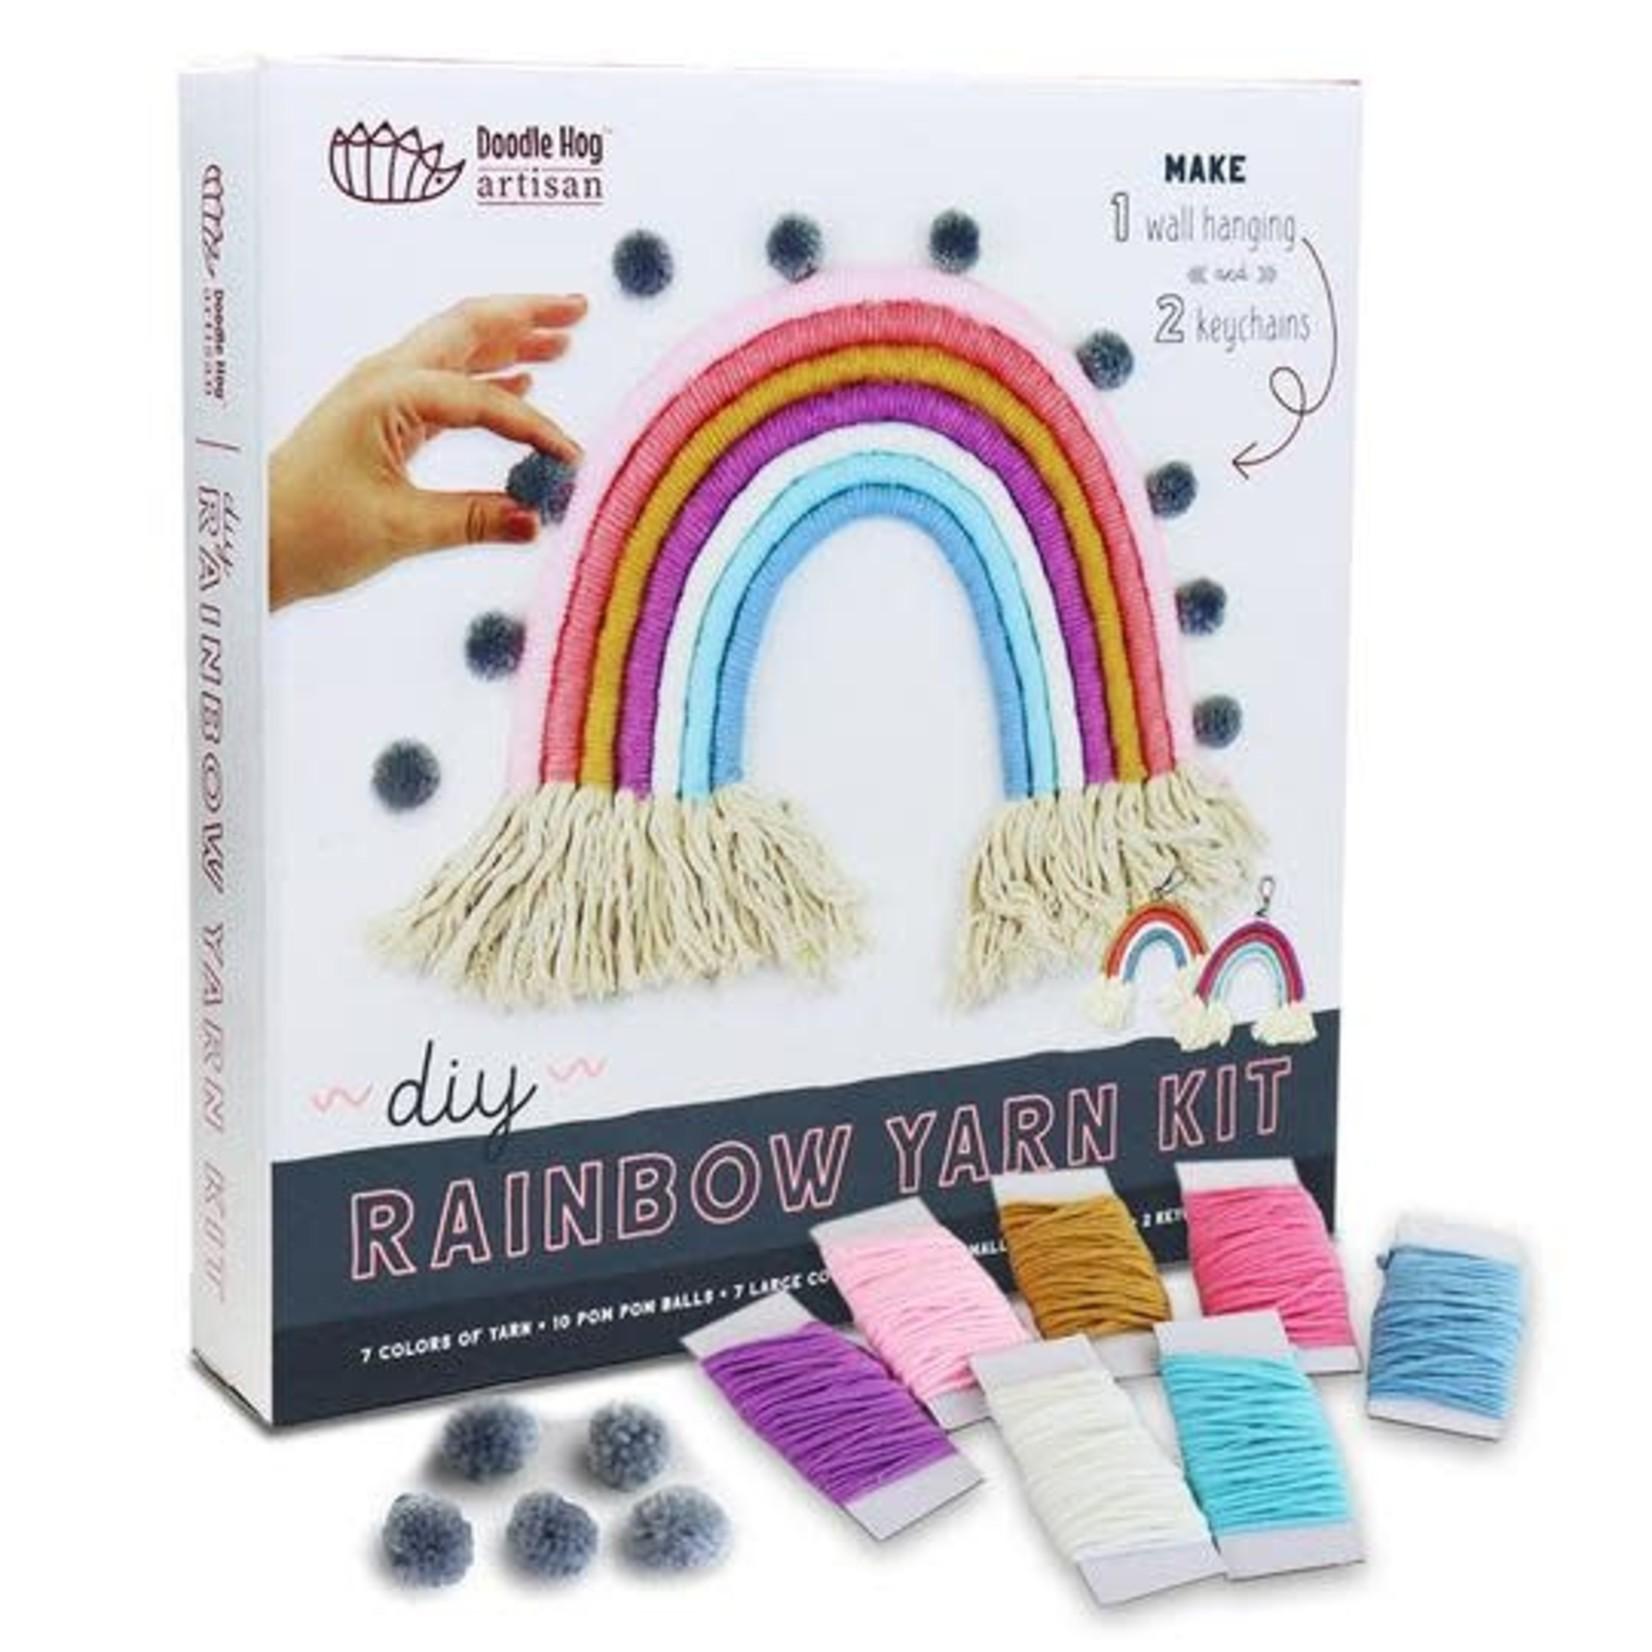 Doodle Hog DIY Rainbow Yarn Bedroom Decor